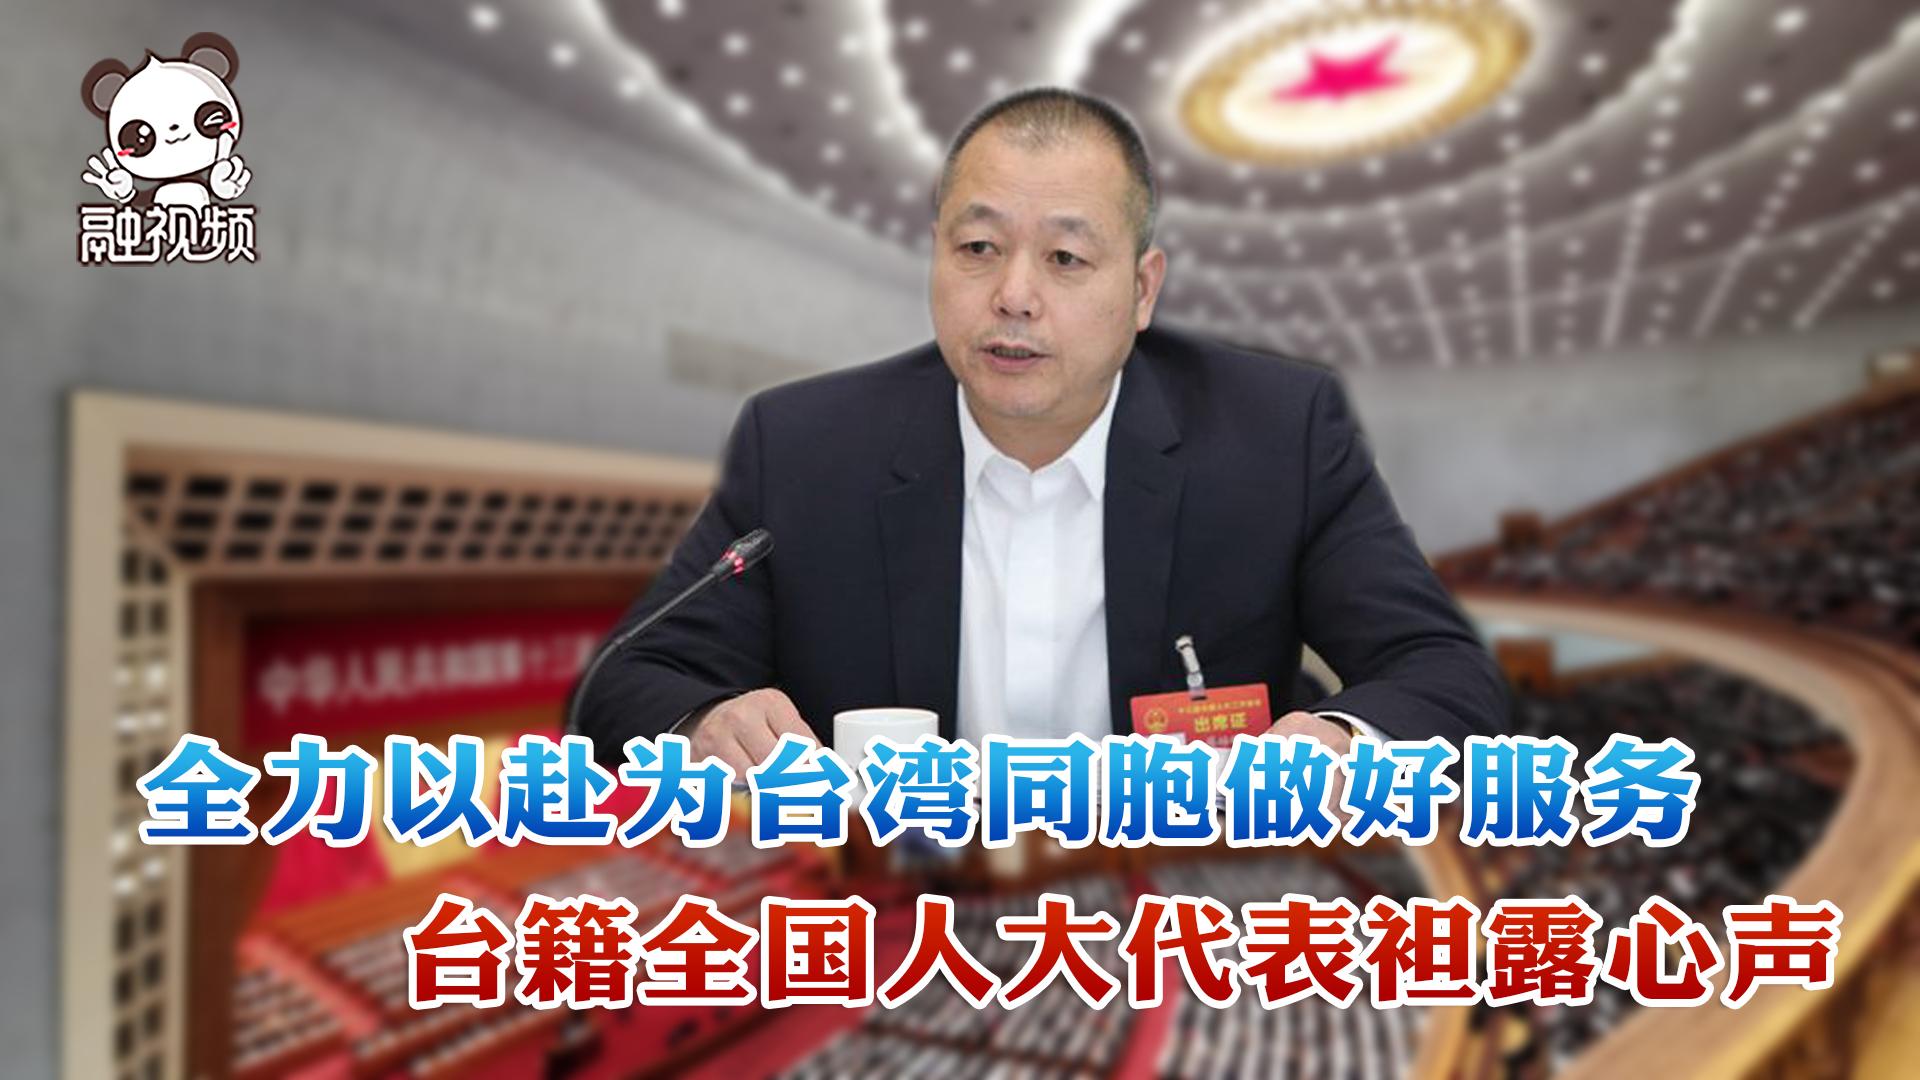 【融融看两会】蔡培辉:坚守使命,全力以赴为台湾同胞做好服务!图片